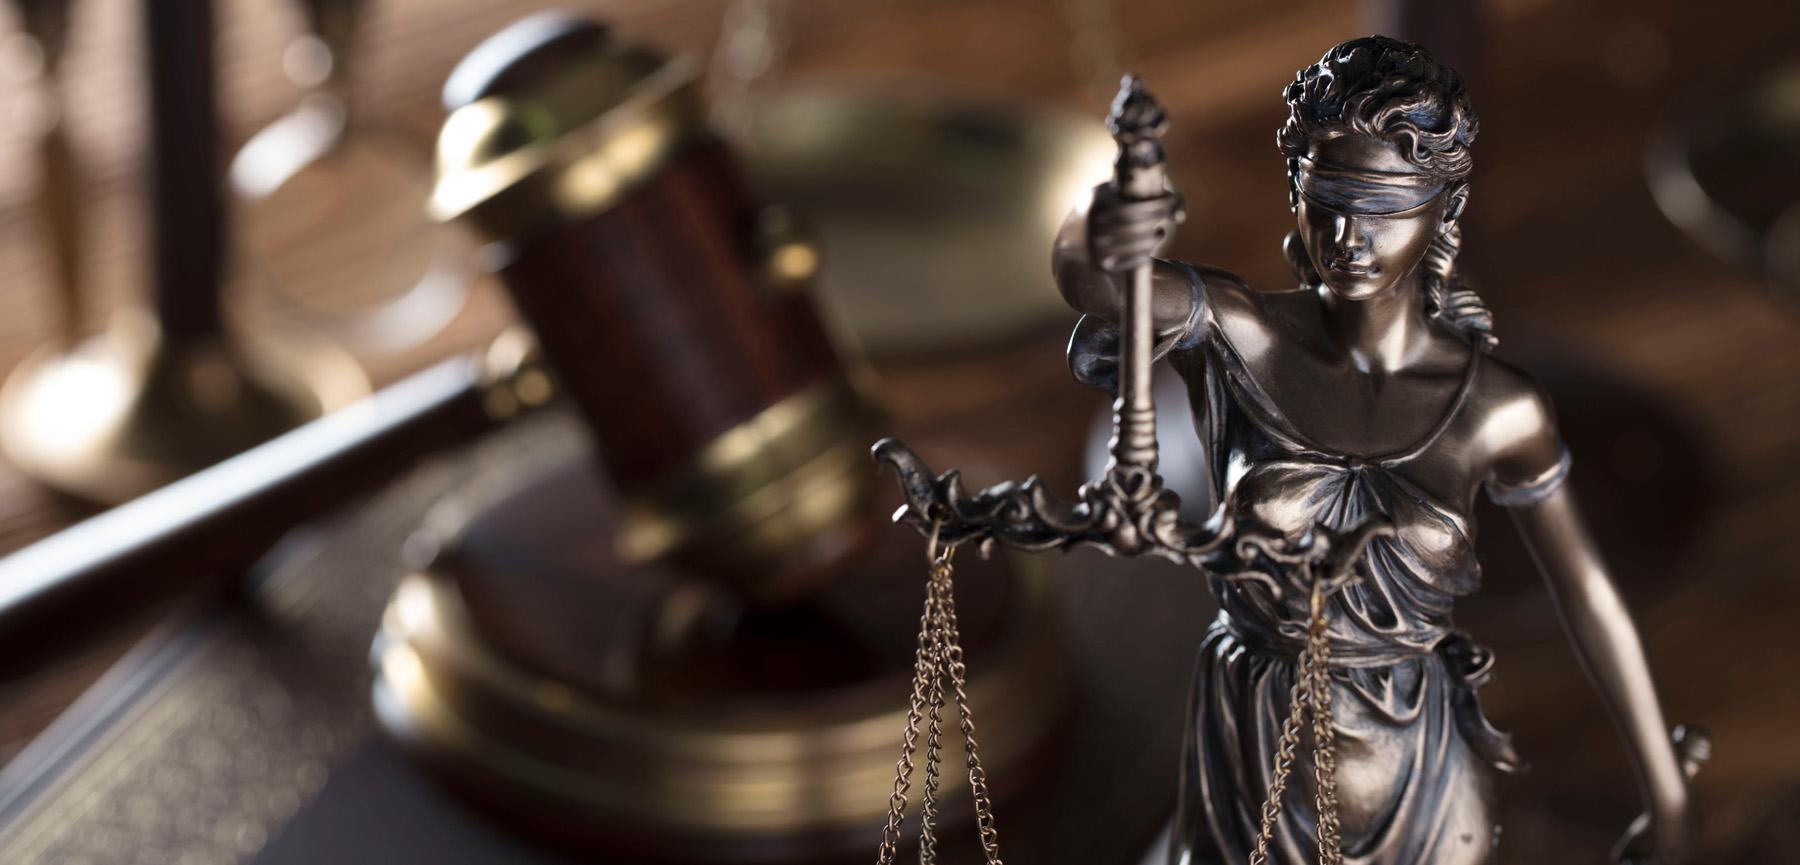 Mulher acusada de matar marido em Juazeiro do Norte deve permanecer presa